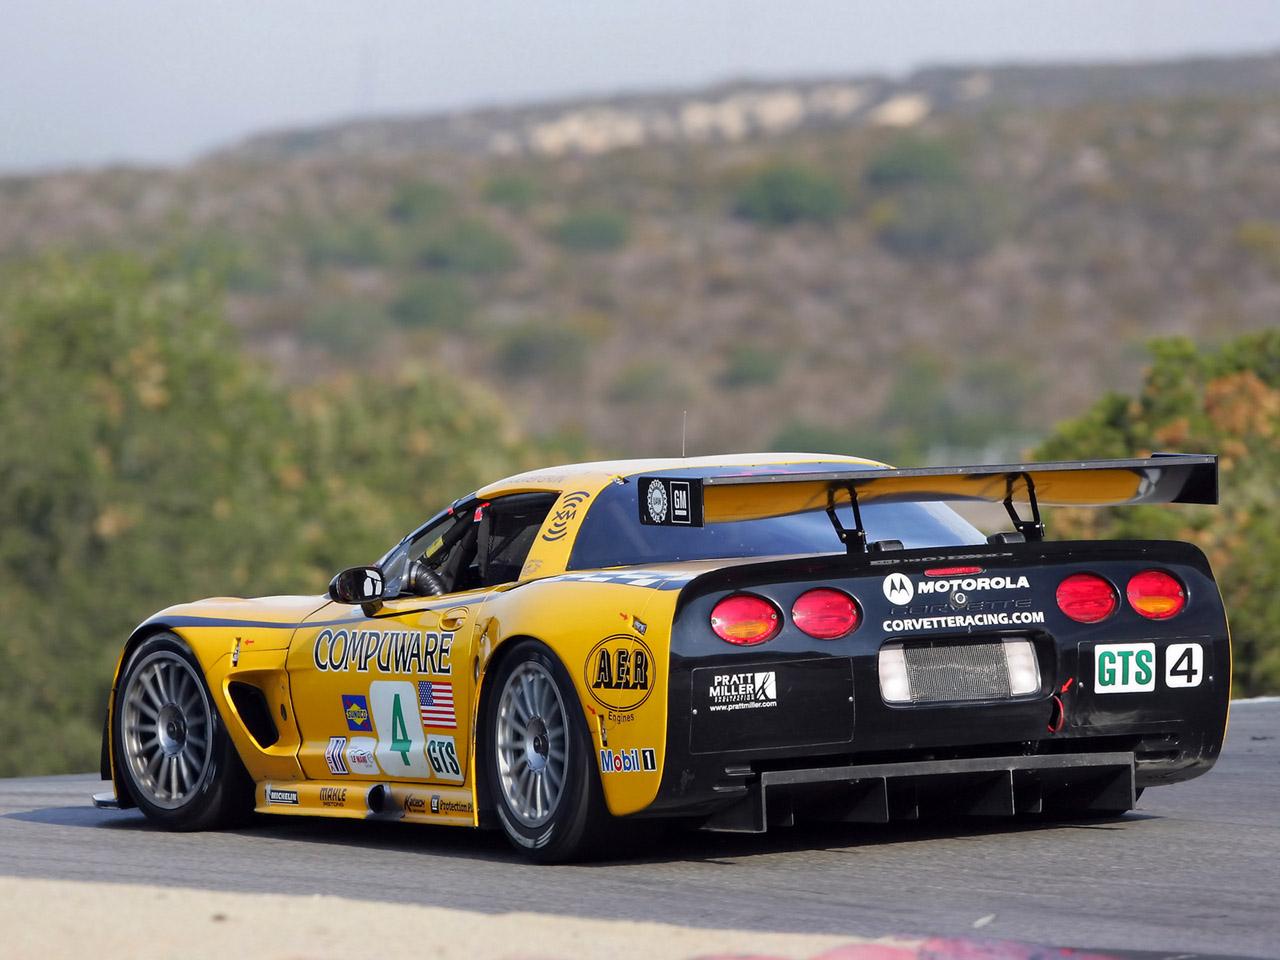 Zo6 Corvette For Sale >> Auction results and sales data for 2004 Chevrolet Corvette C5-R - conceptcarz.com